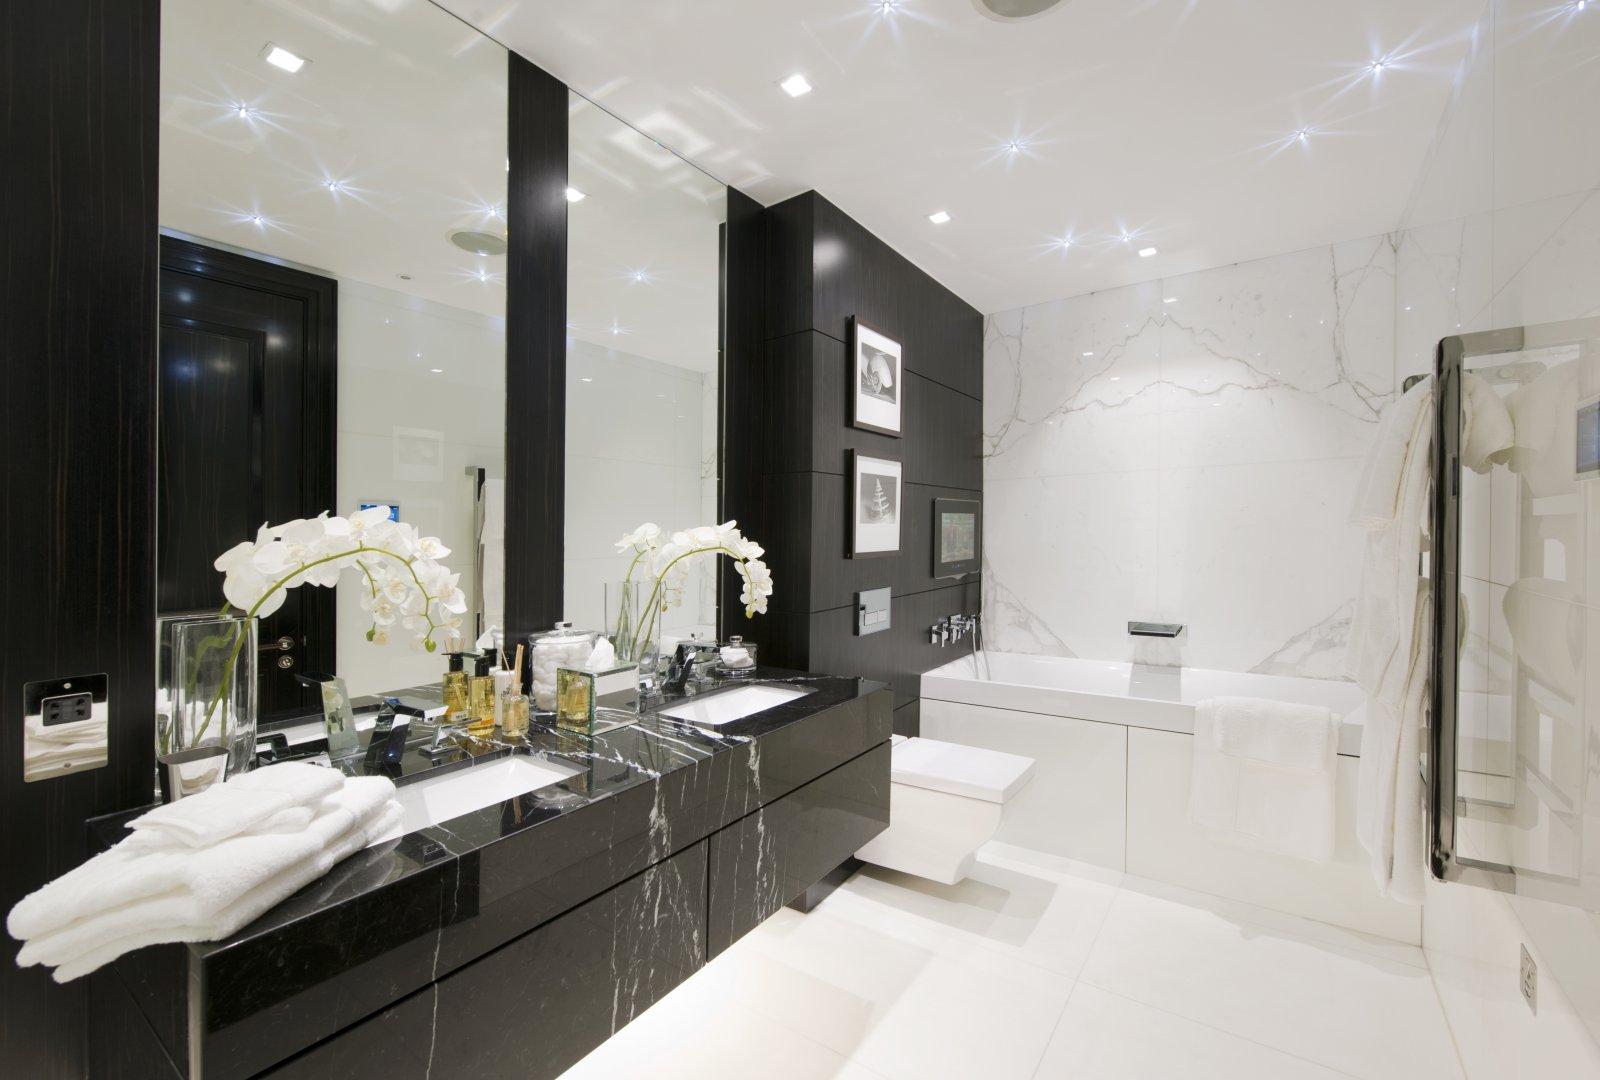 Photo 21 - L'éclairage a un rôle très important dans une salle de bain en noir et blanc, plus il est grand, plus l'ensemble du design est spectaculaire